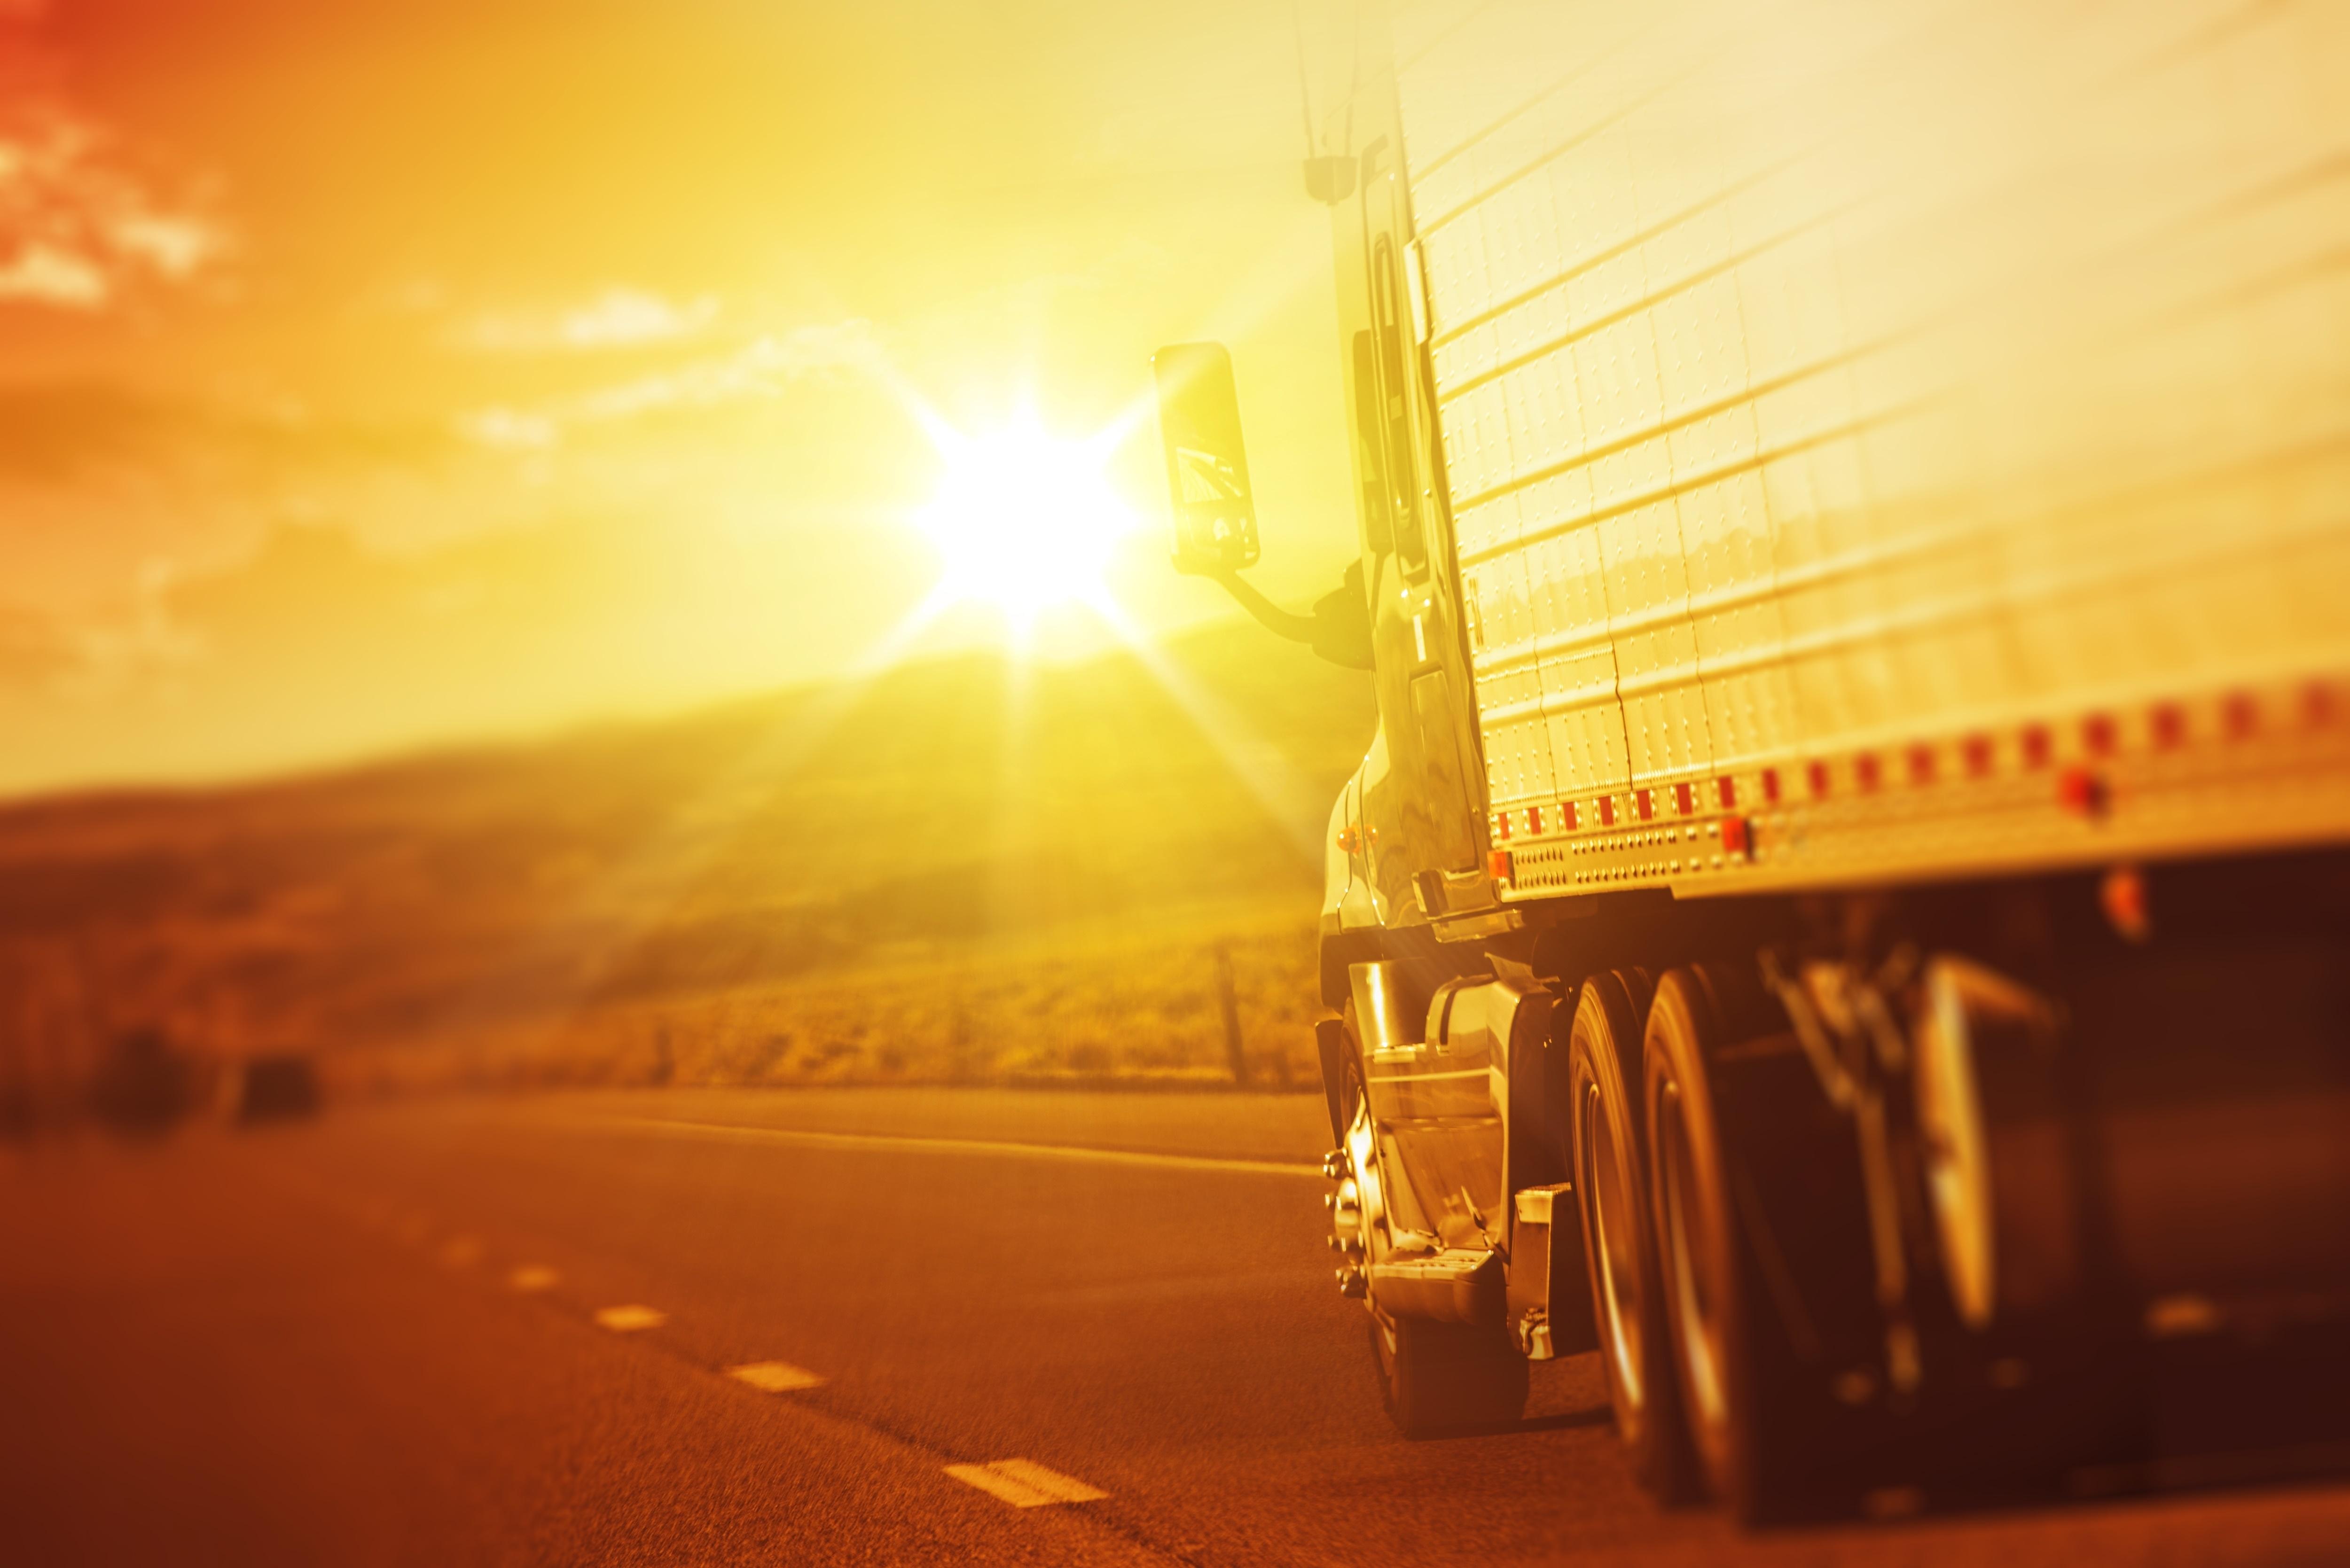 truckingshutterstock_224409283